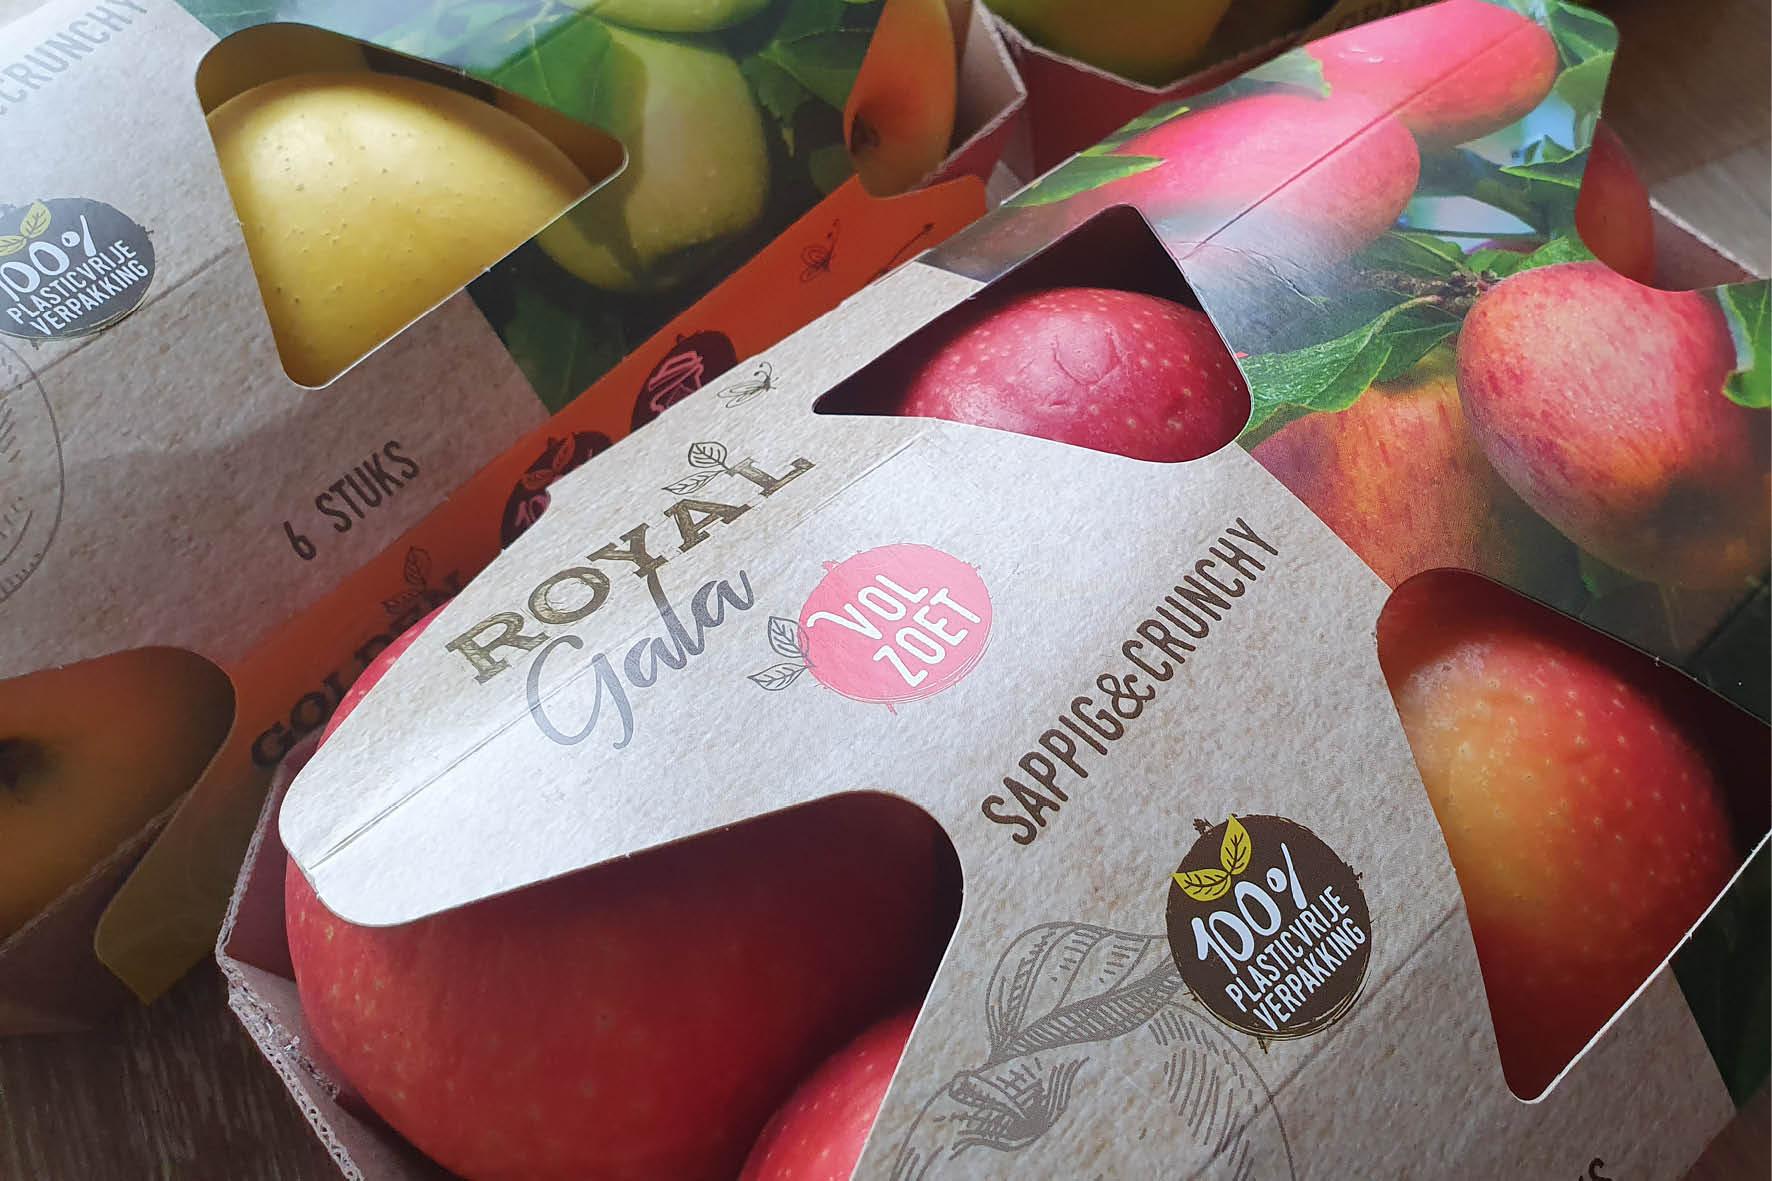 verpakkingsontwerp Sleeves appels